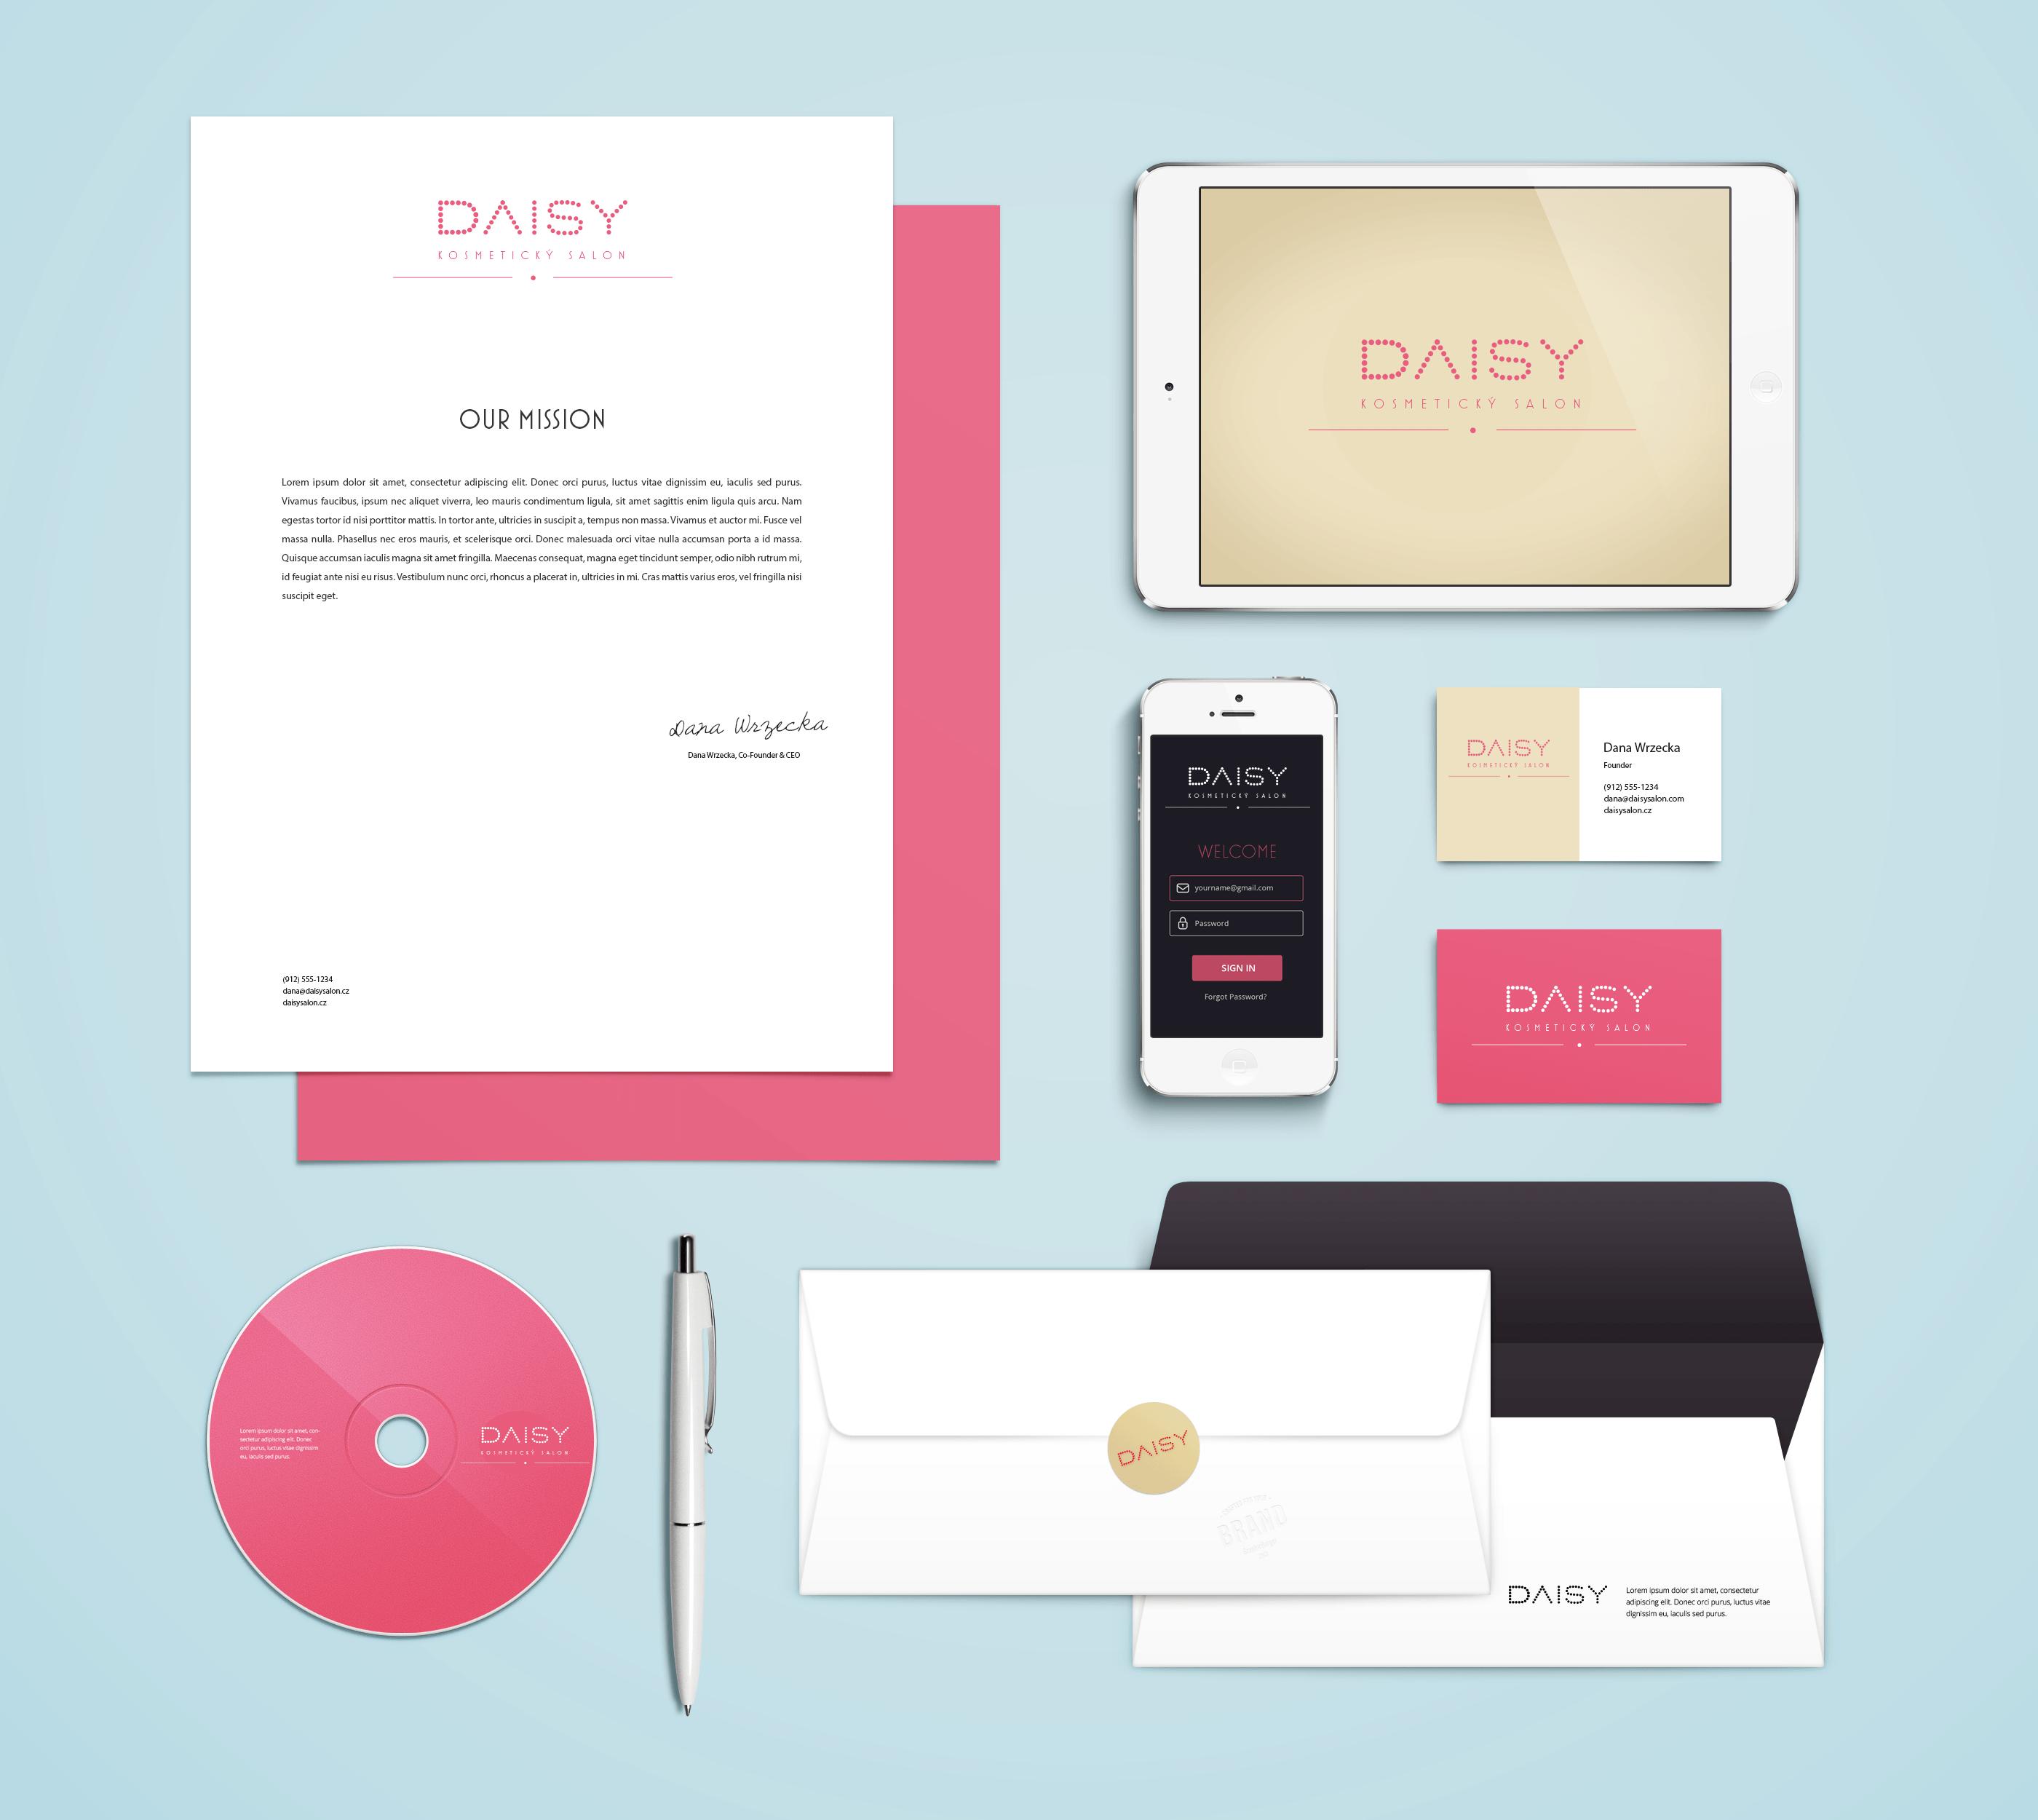 Brand Identity Design For A Beauty Salon Branding Identity Mockup Branding Mockups Free Branding Mockups Psd